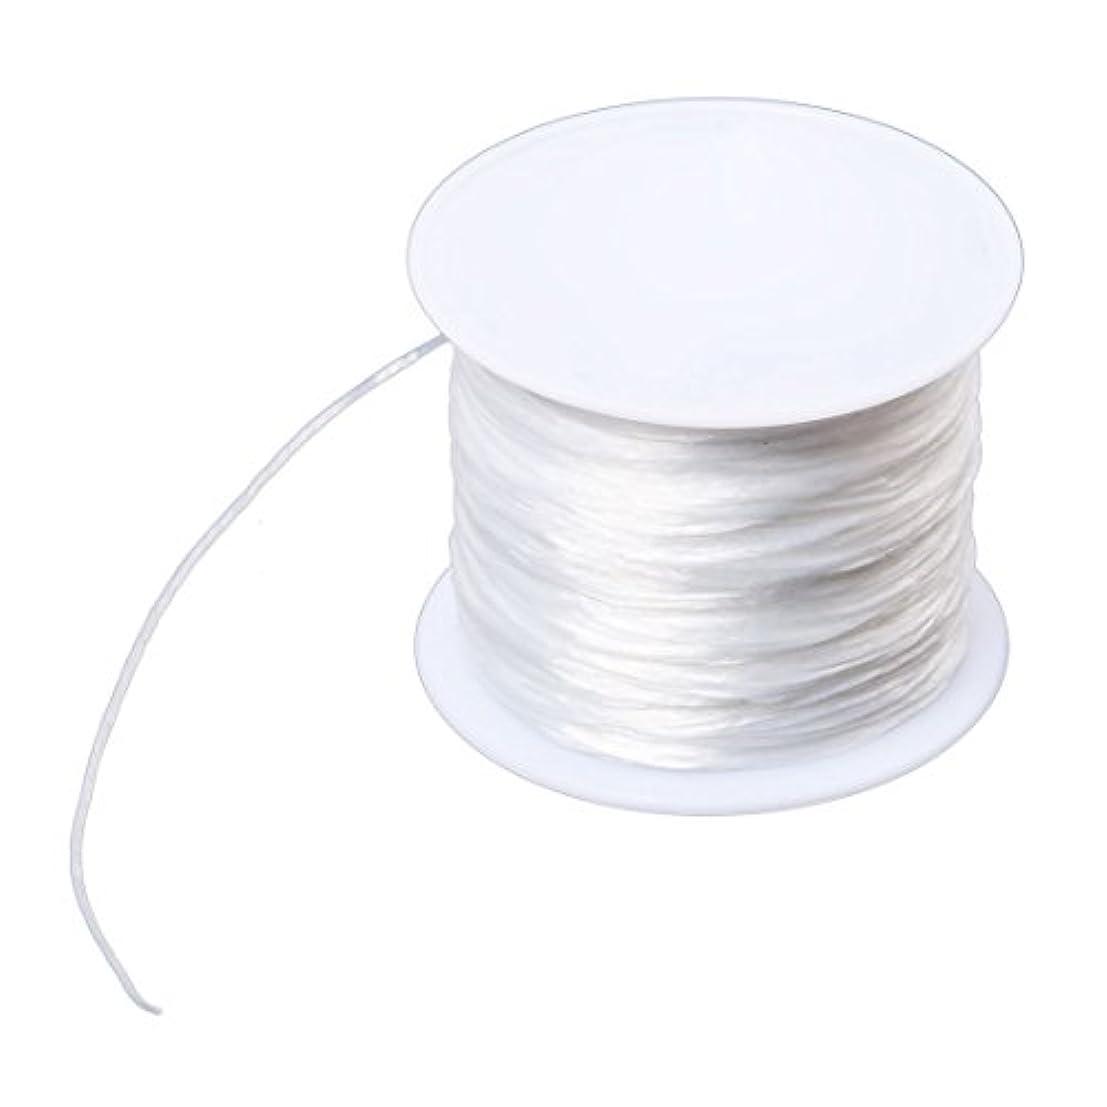 仲人非難暴力的なACAMPTAR 白い弾性ストレッチクリスタルライン ジュエリー ビーディング糸スプール 100M